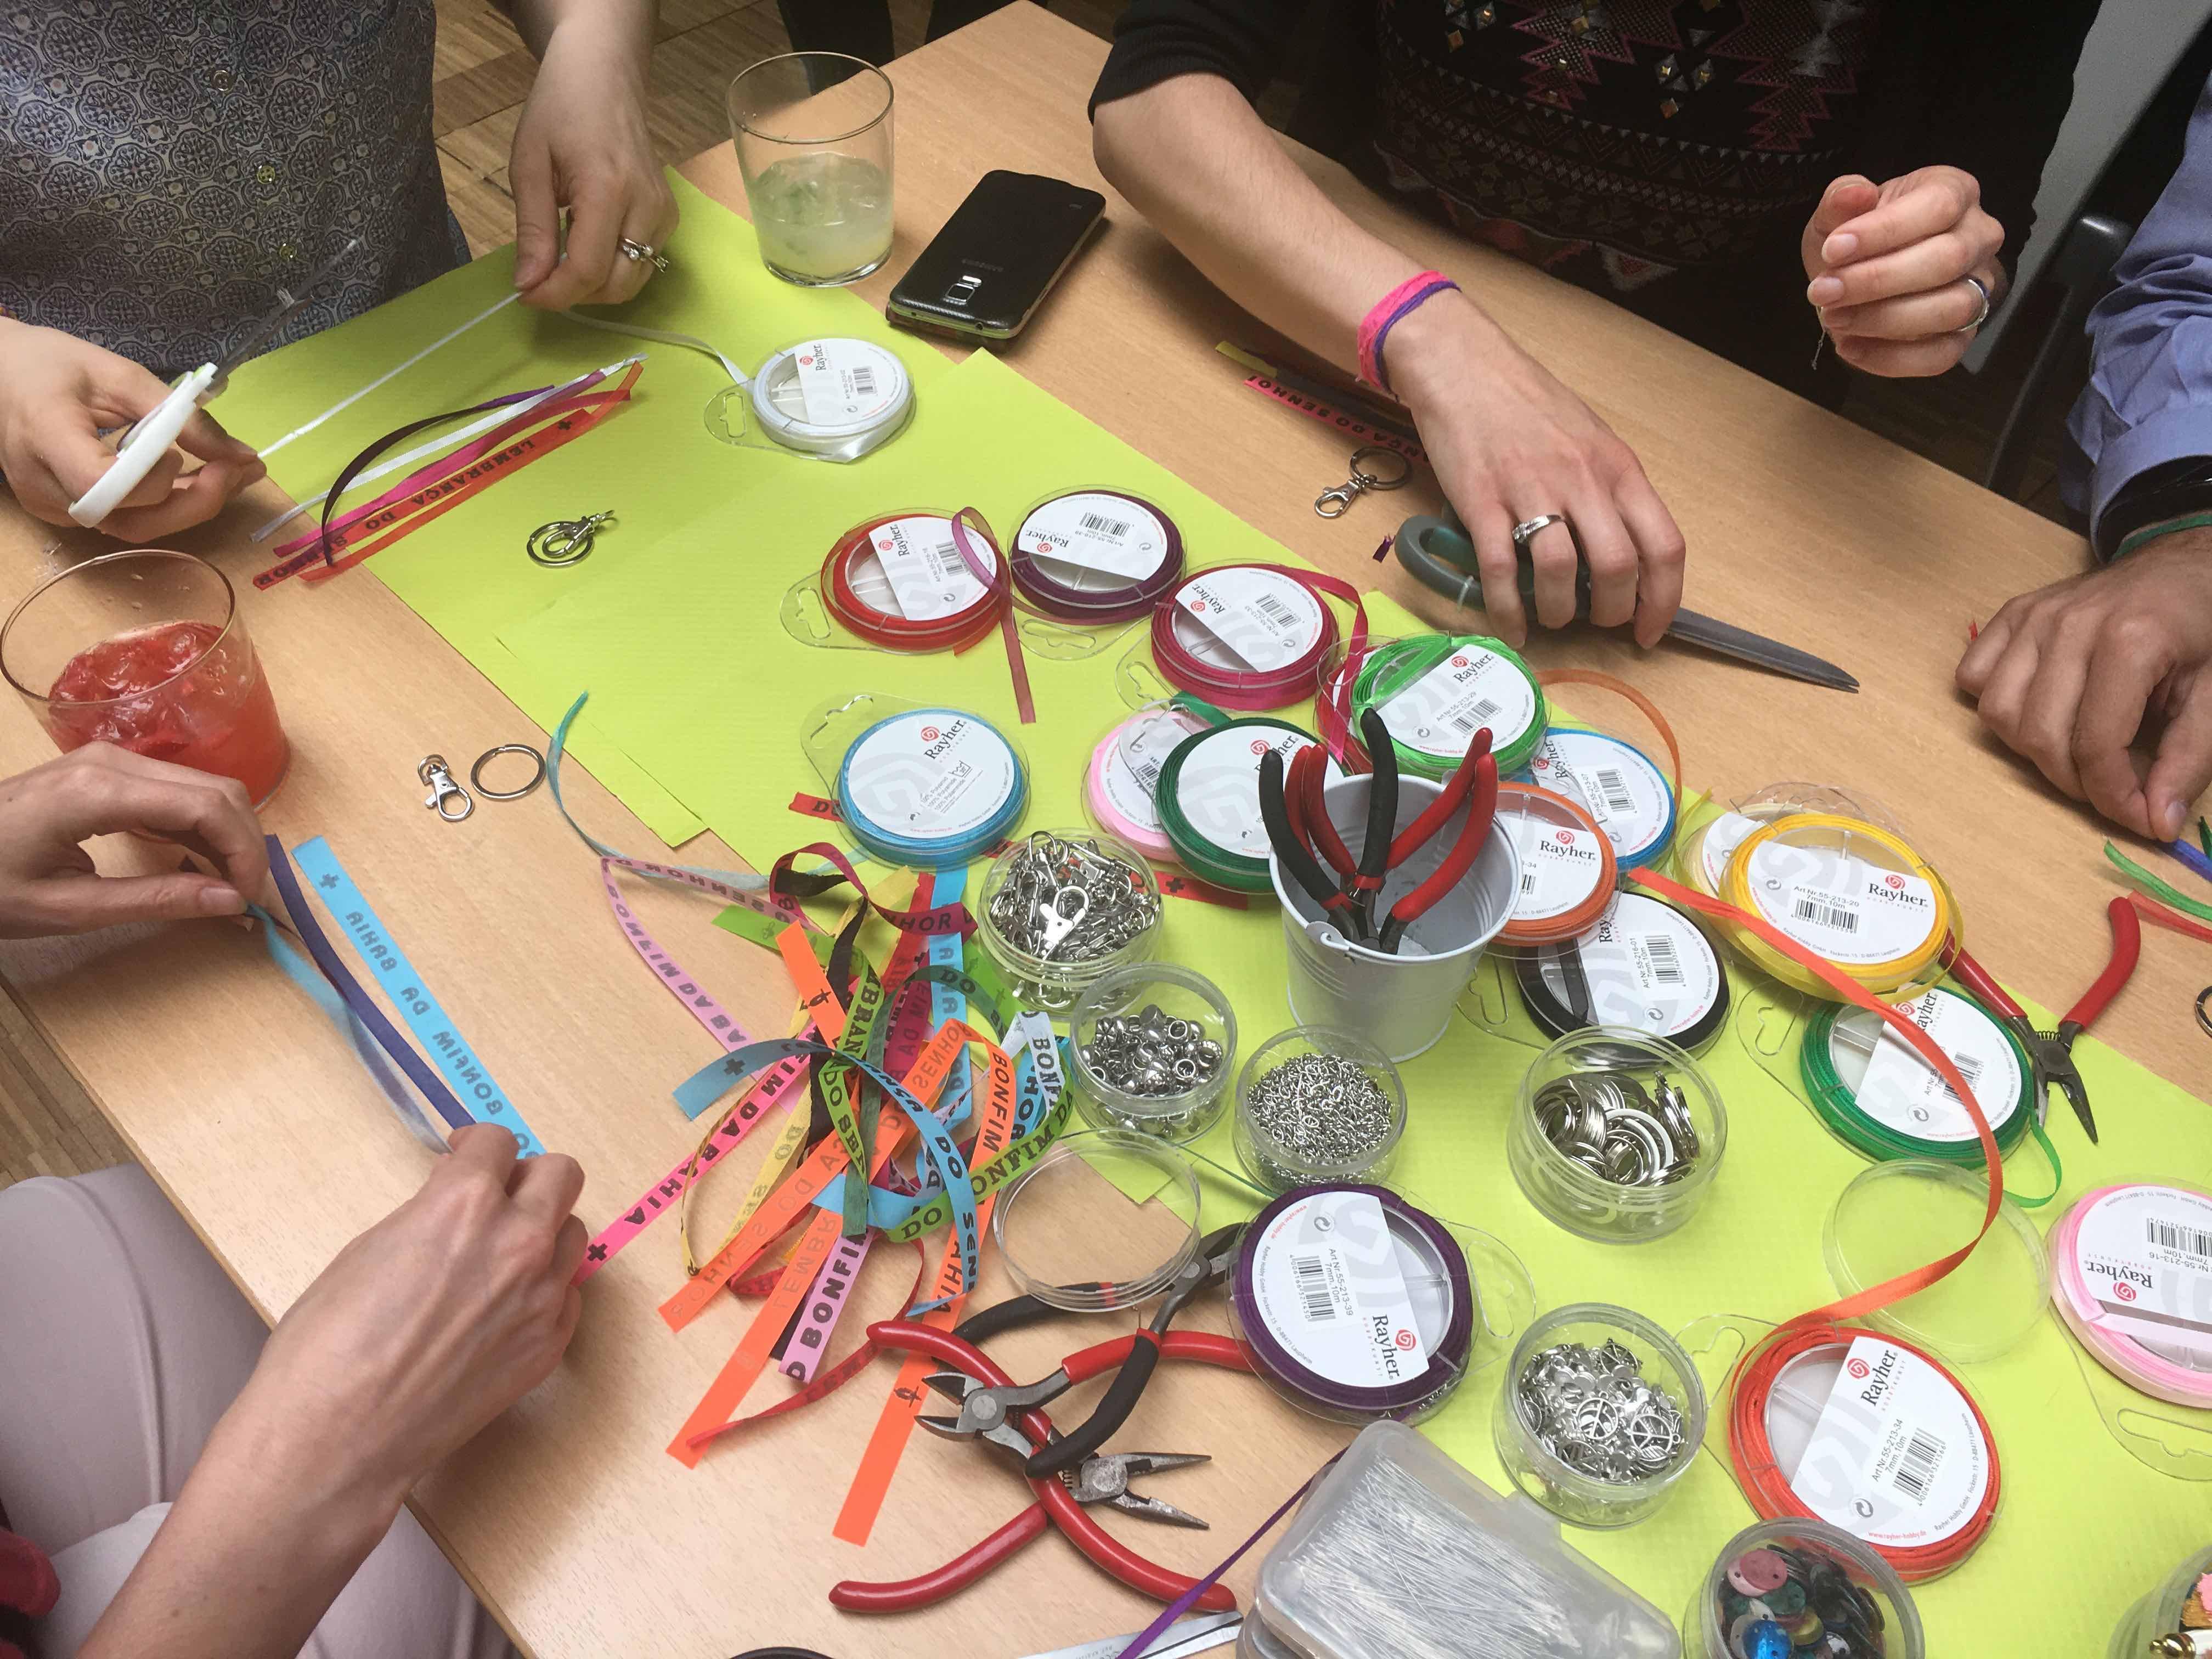 atelier creatif diy teambuilding france television accessoire bresil bracelet bijoux de sac